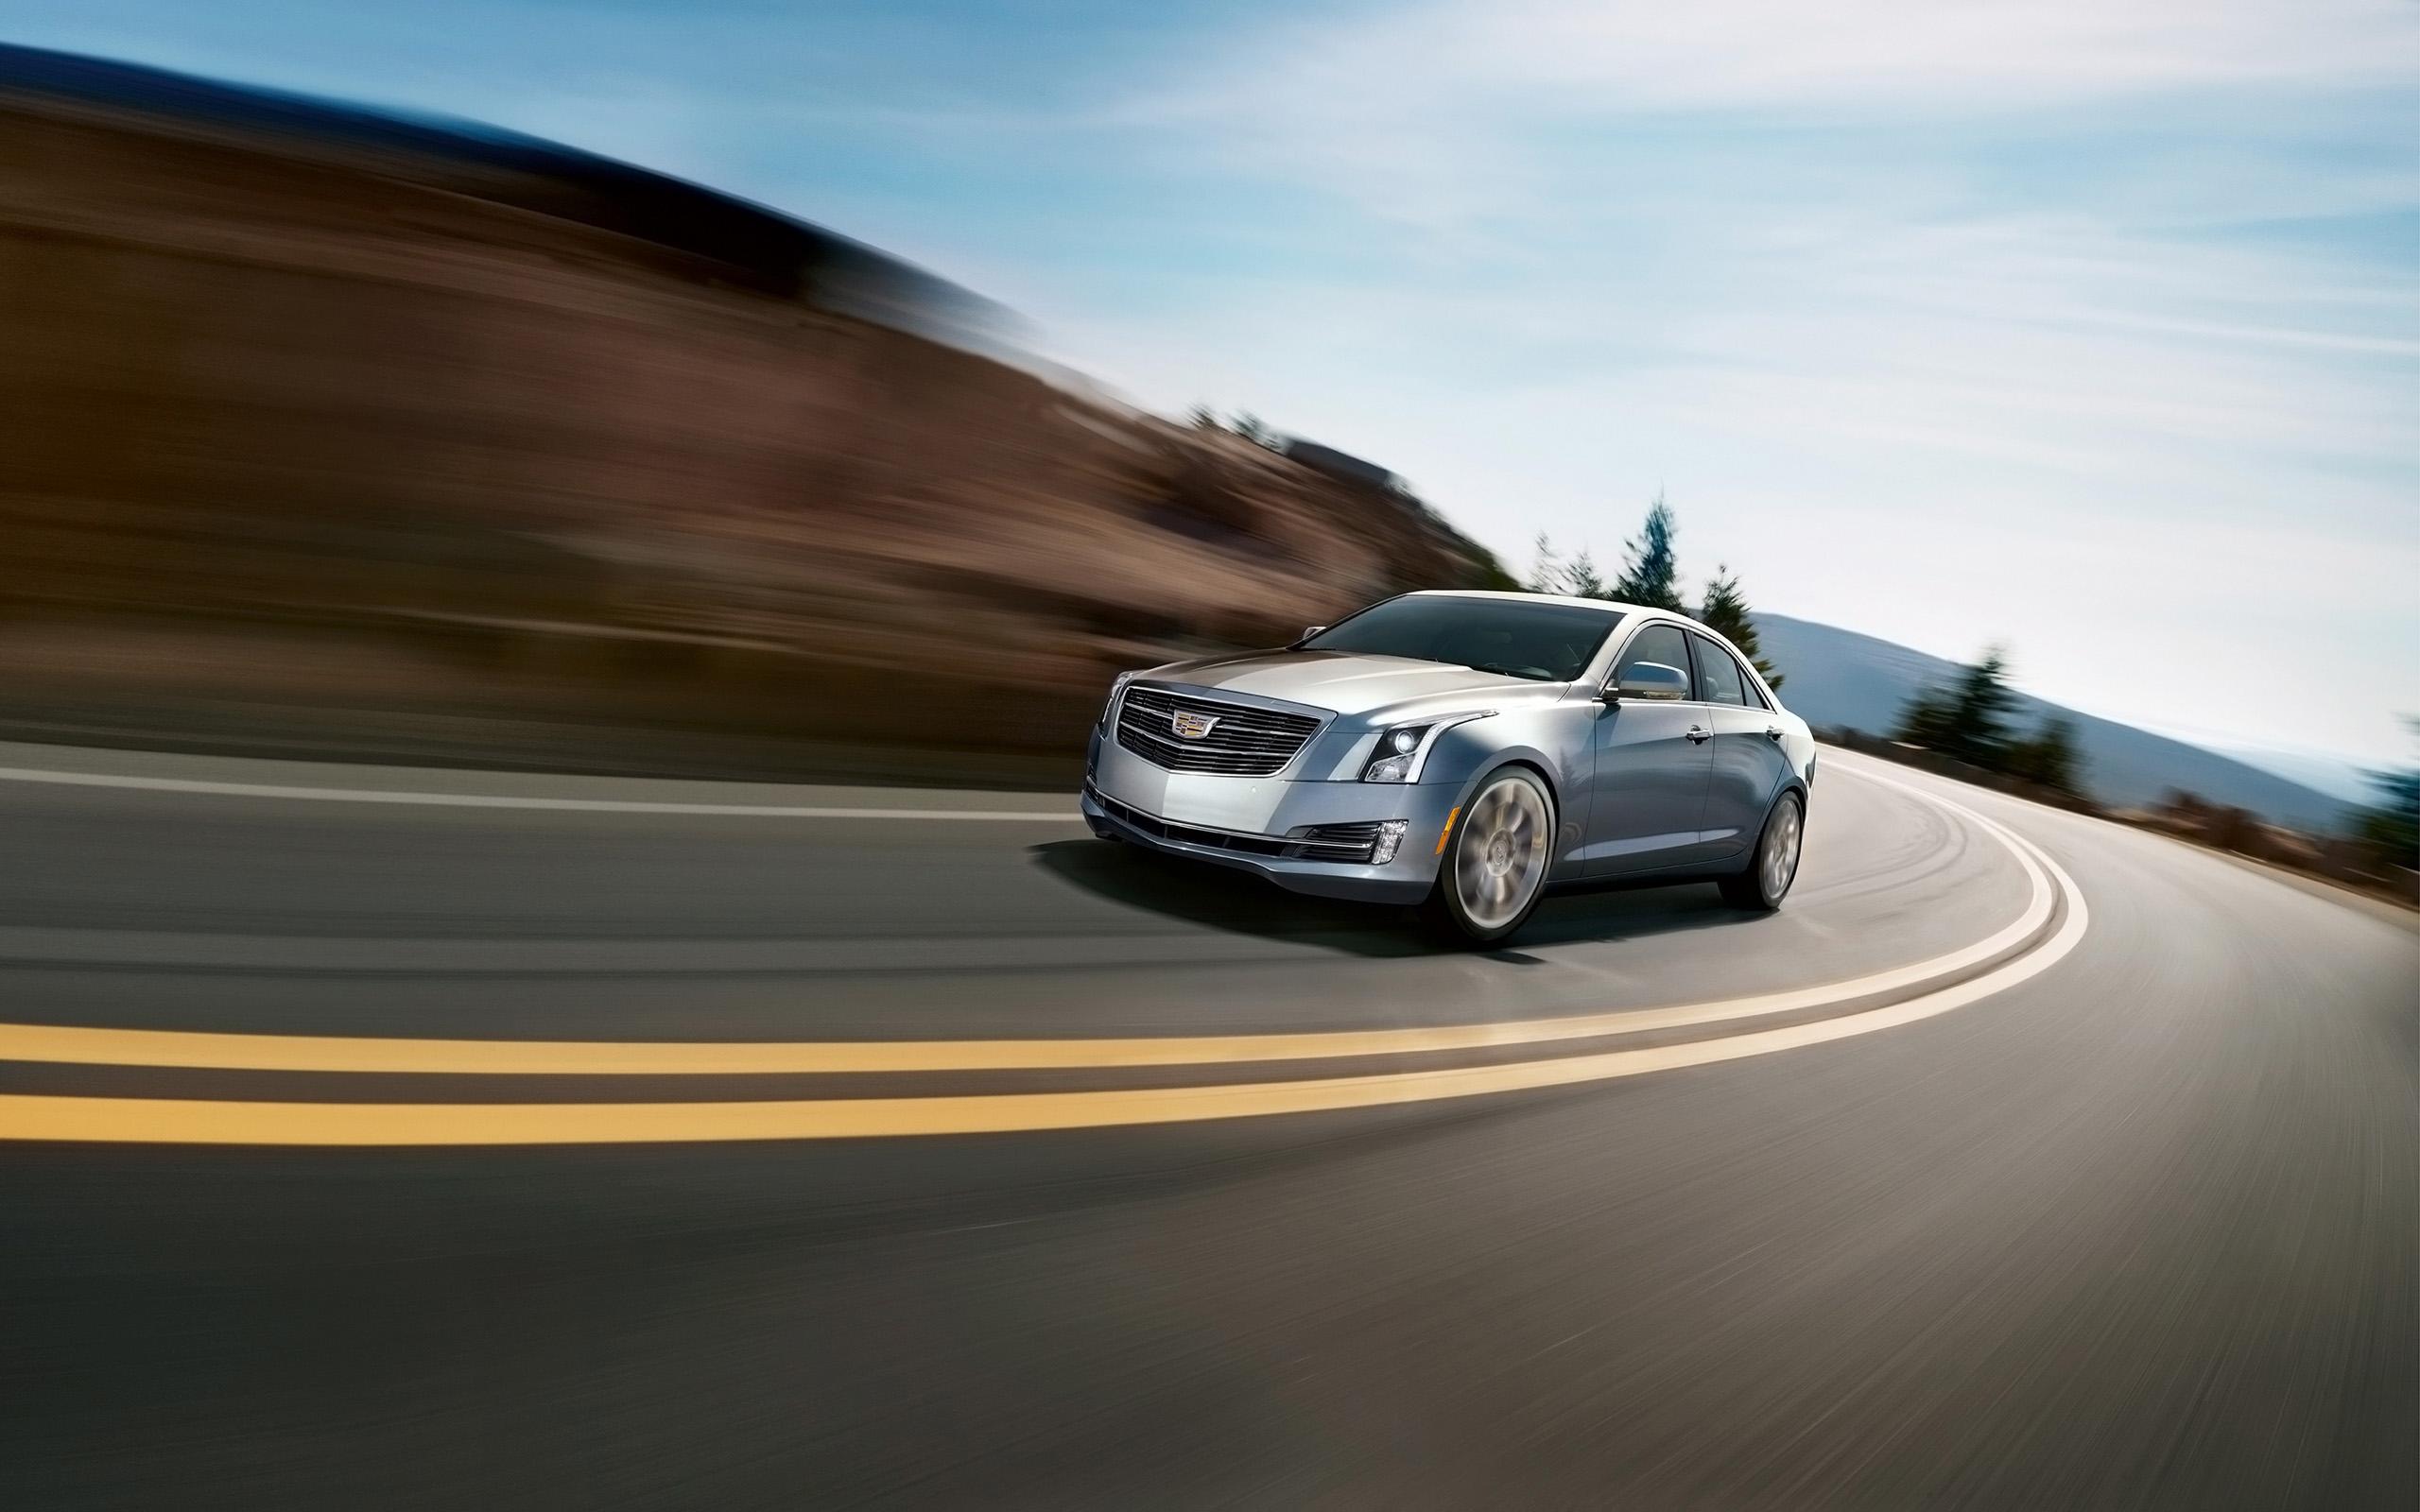 2015 Cadillac ATS Sedan Wallpaper | HD Car Wallpapers | ID ...